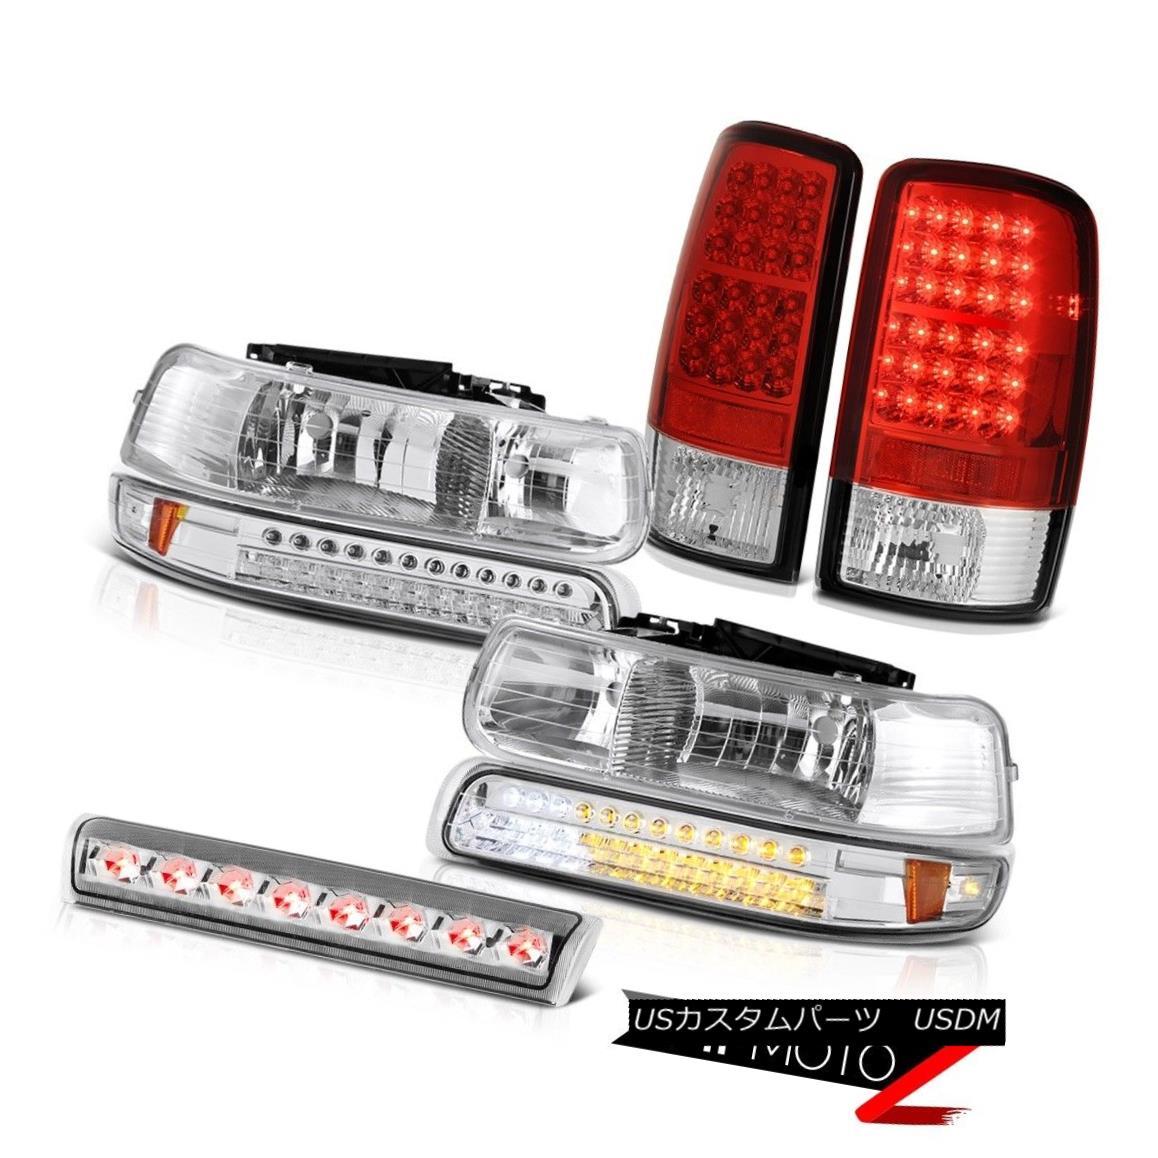 ヘッドライト 2000-2006 Suburban LT Signal DRL Headlights Red LED Tail Lights Roof Stop Clear 2000-2006郊外LT信号DRLヘッドライト赤色LEDテールライトルーフストップクリア